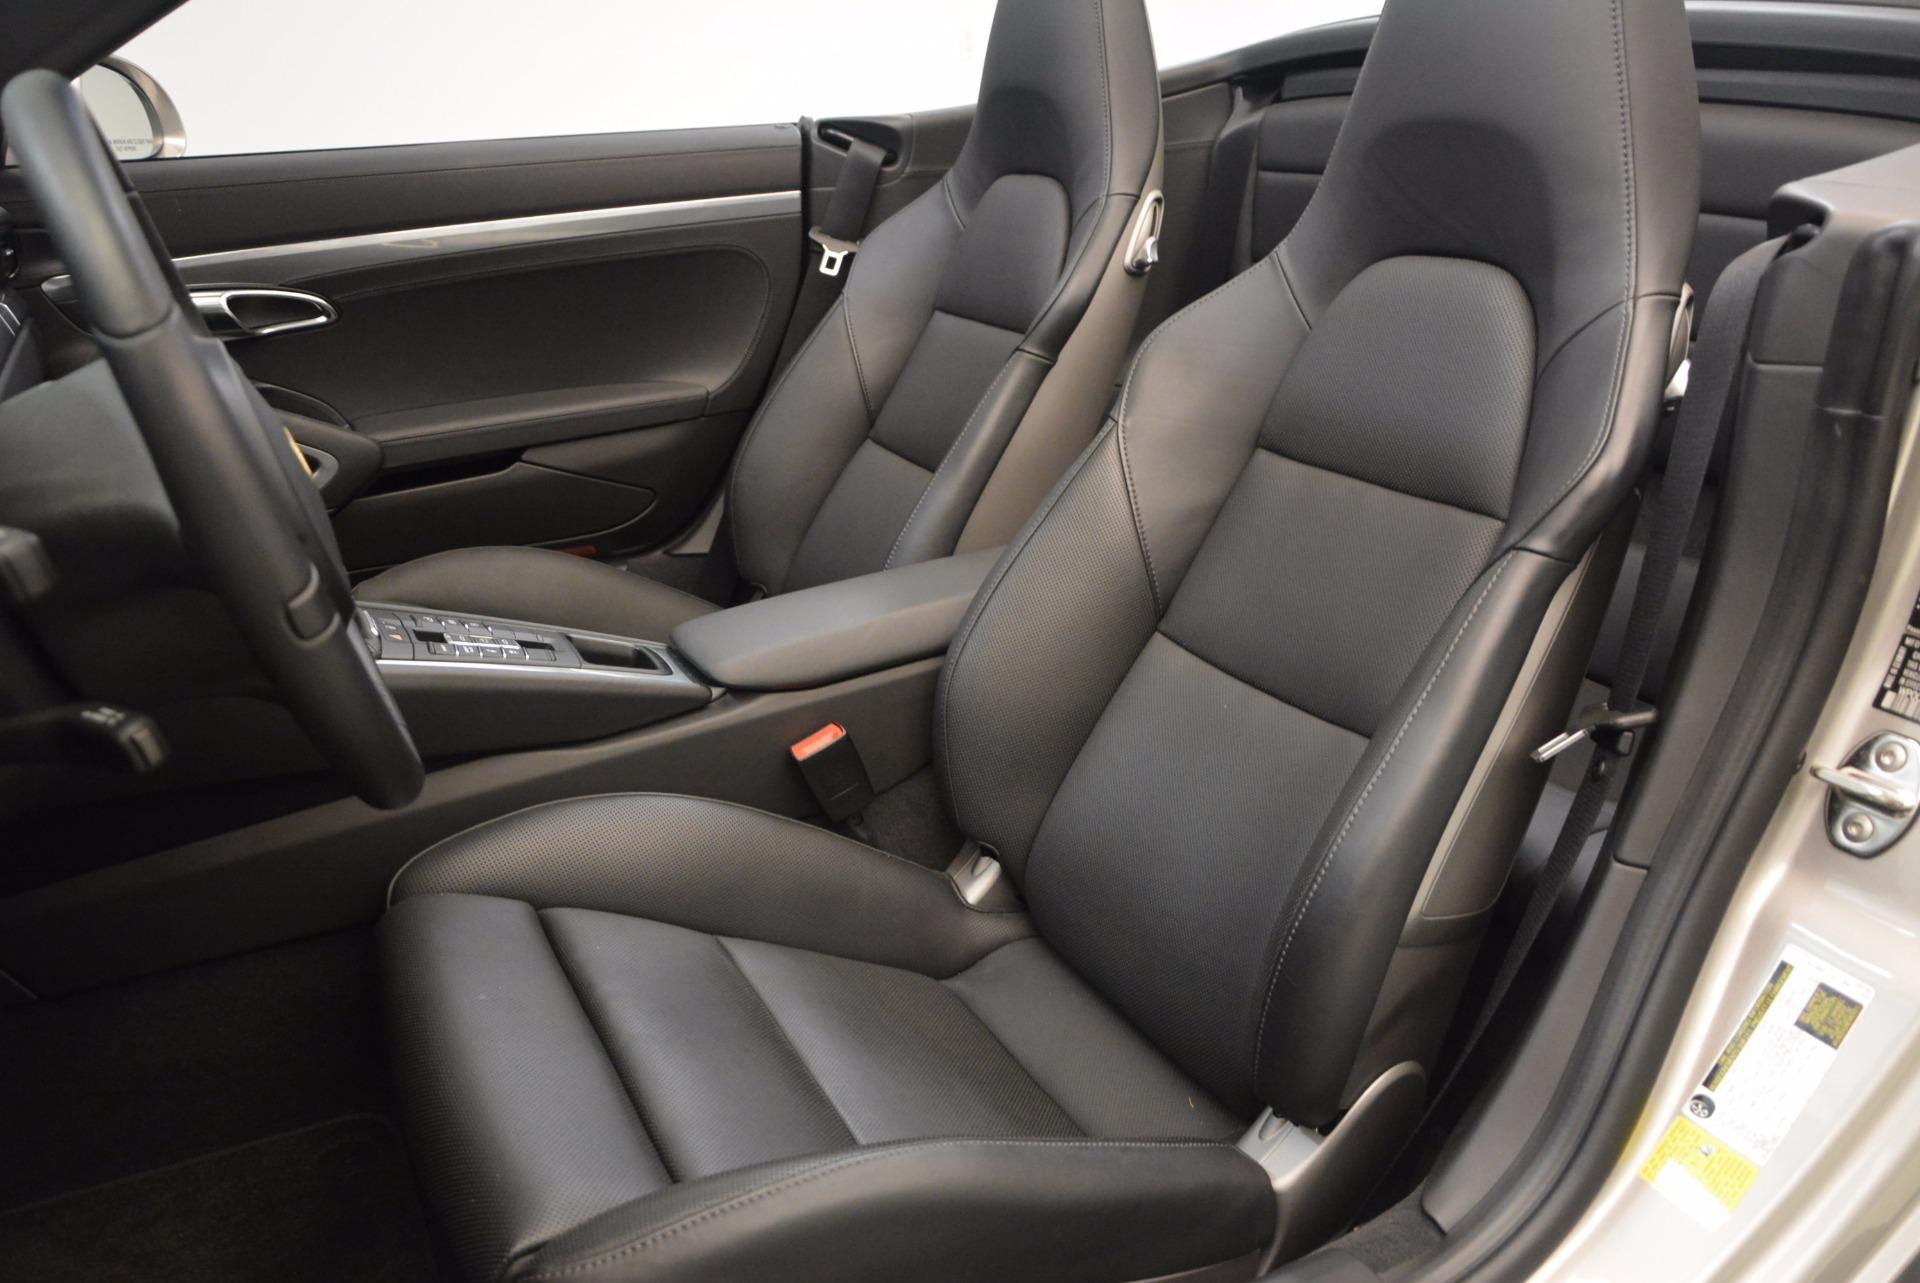 Used 2012 Porsche 911 Carrera S For Sale In Greenwich, CT 1790_p23